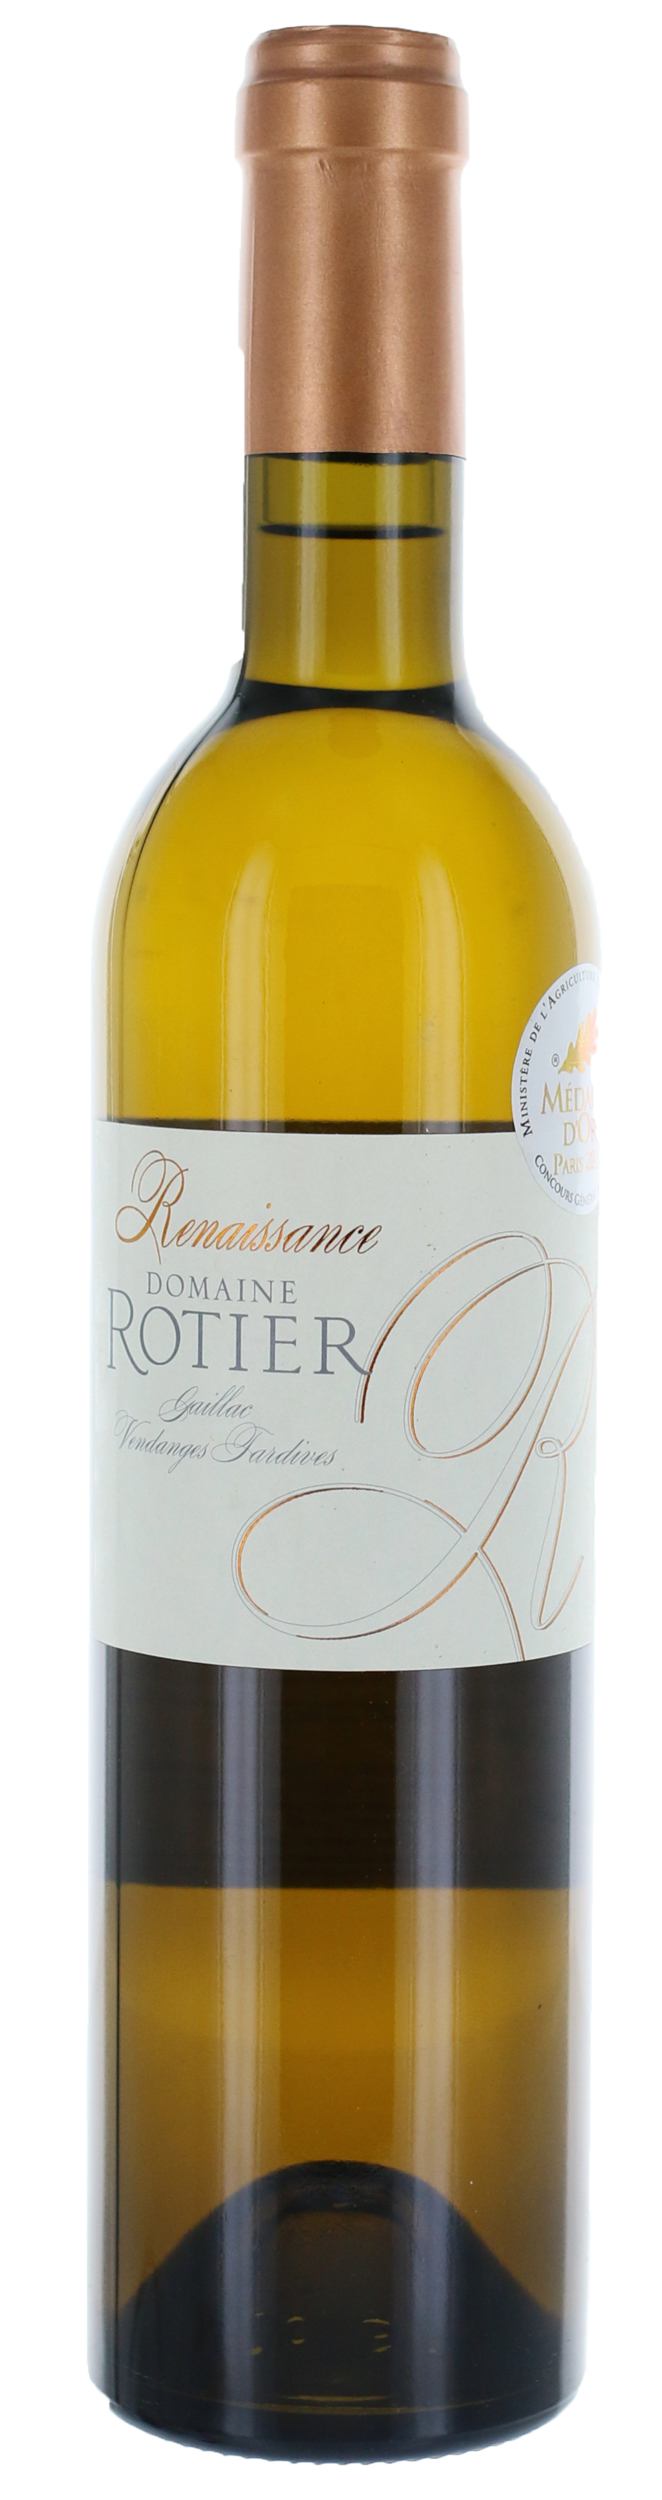 Gaillac - Renaissance Vendanges Tardives 0,50 L - Domaine Rotier - 2013 - BIO